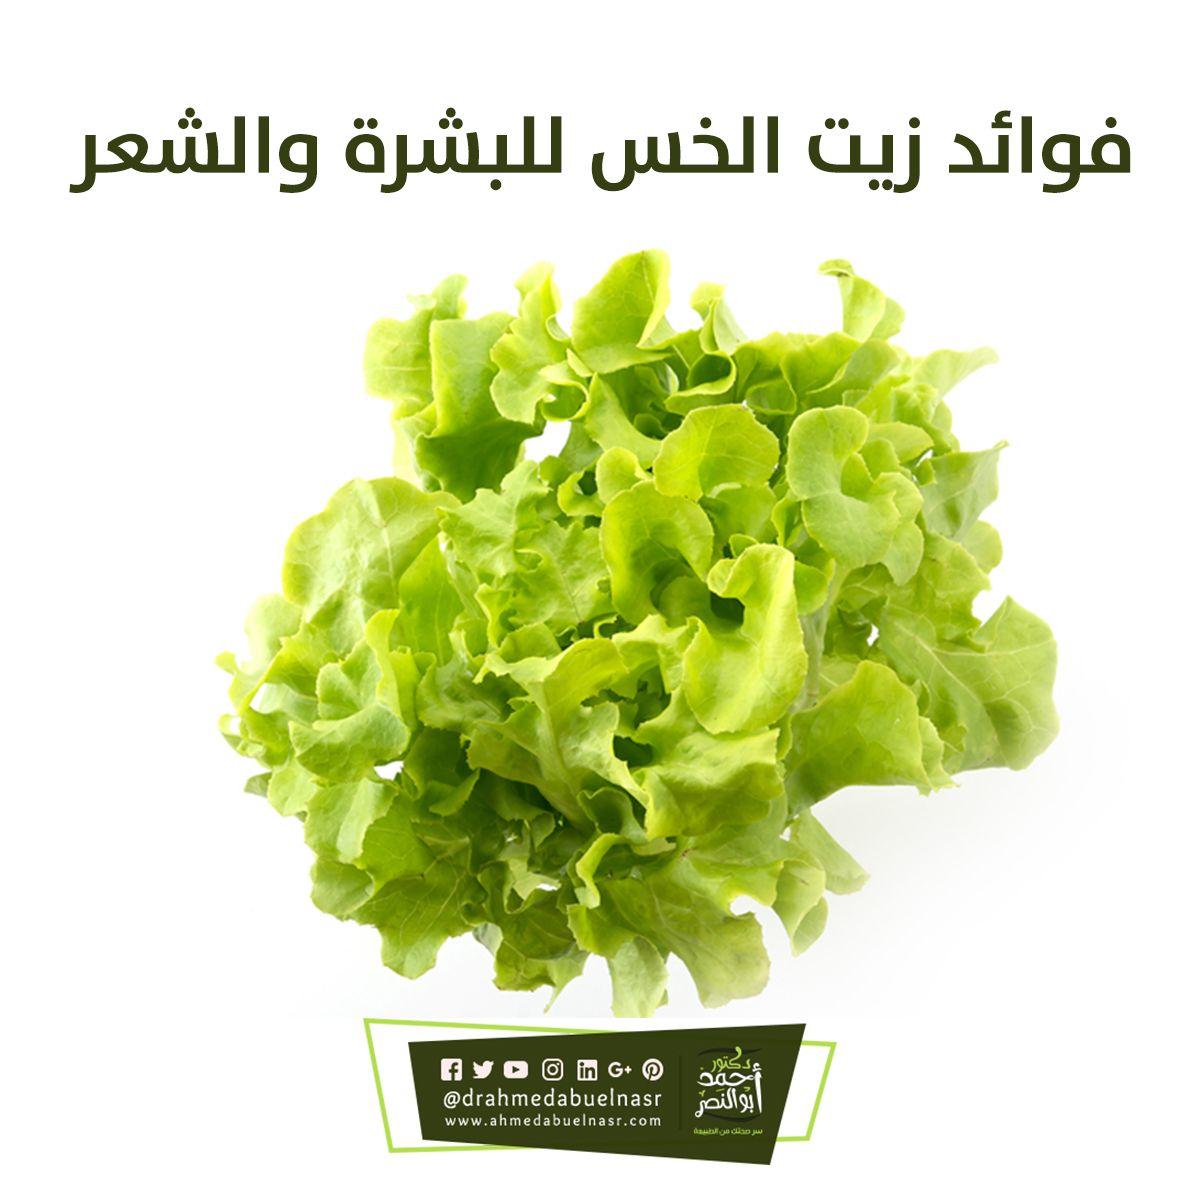 فوائد زيت الخس للبشرة والشعر Herbs Lettuce Vegetables